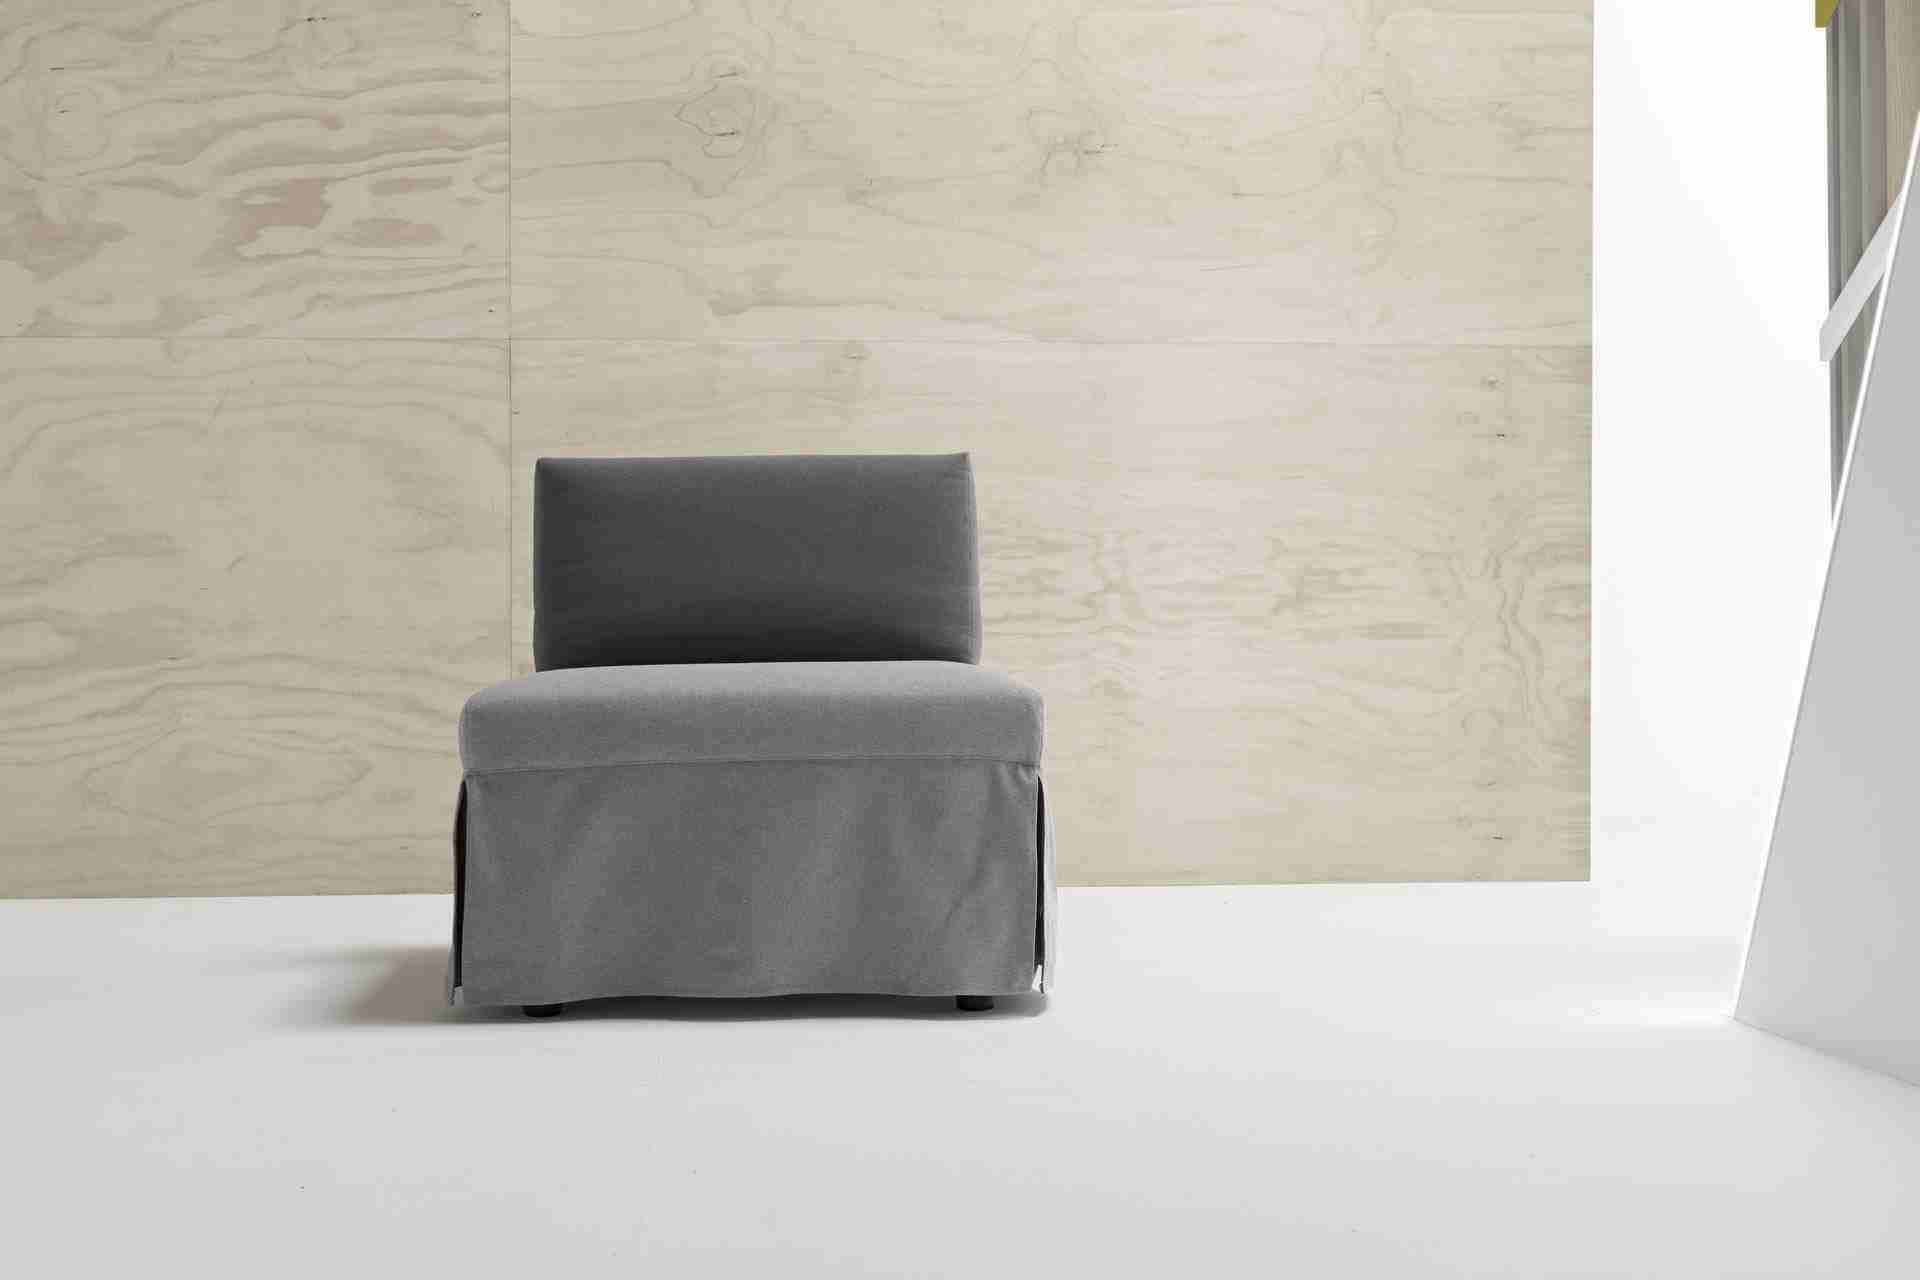 Letto Con Schienale Morbido : Pouff letto con schienale poltroncina alta qualità opla di dienne